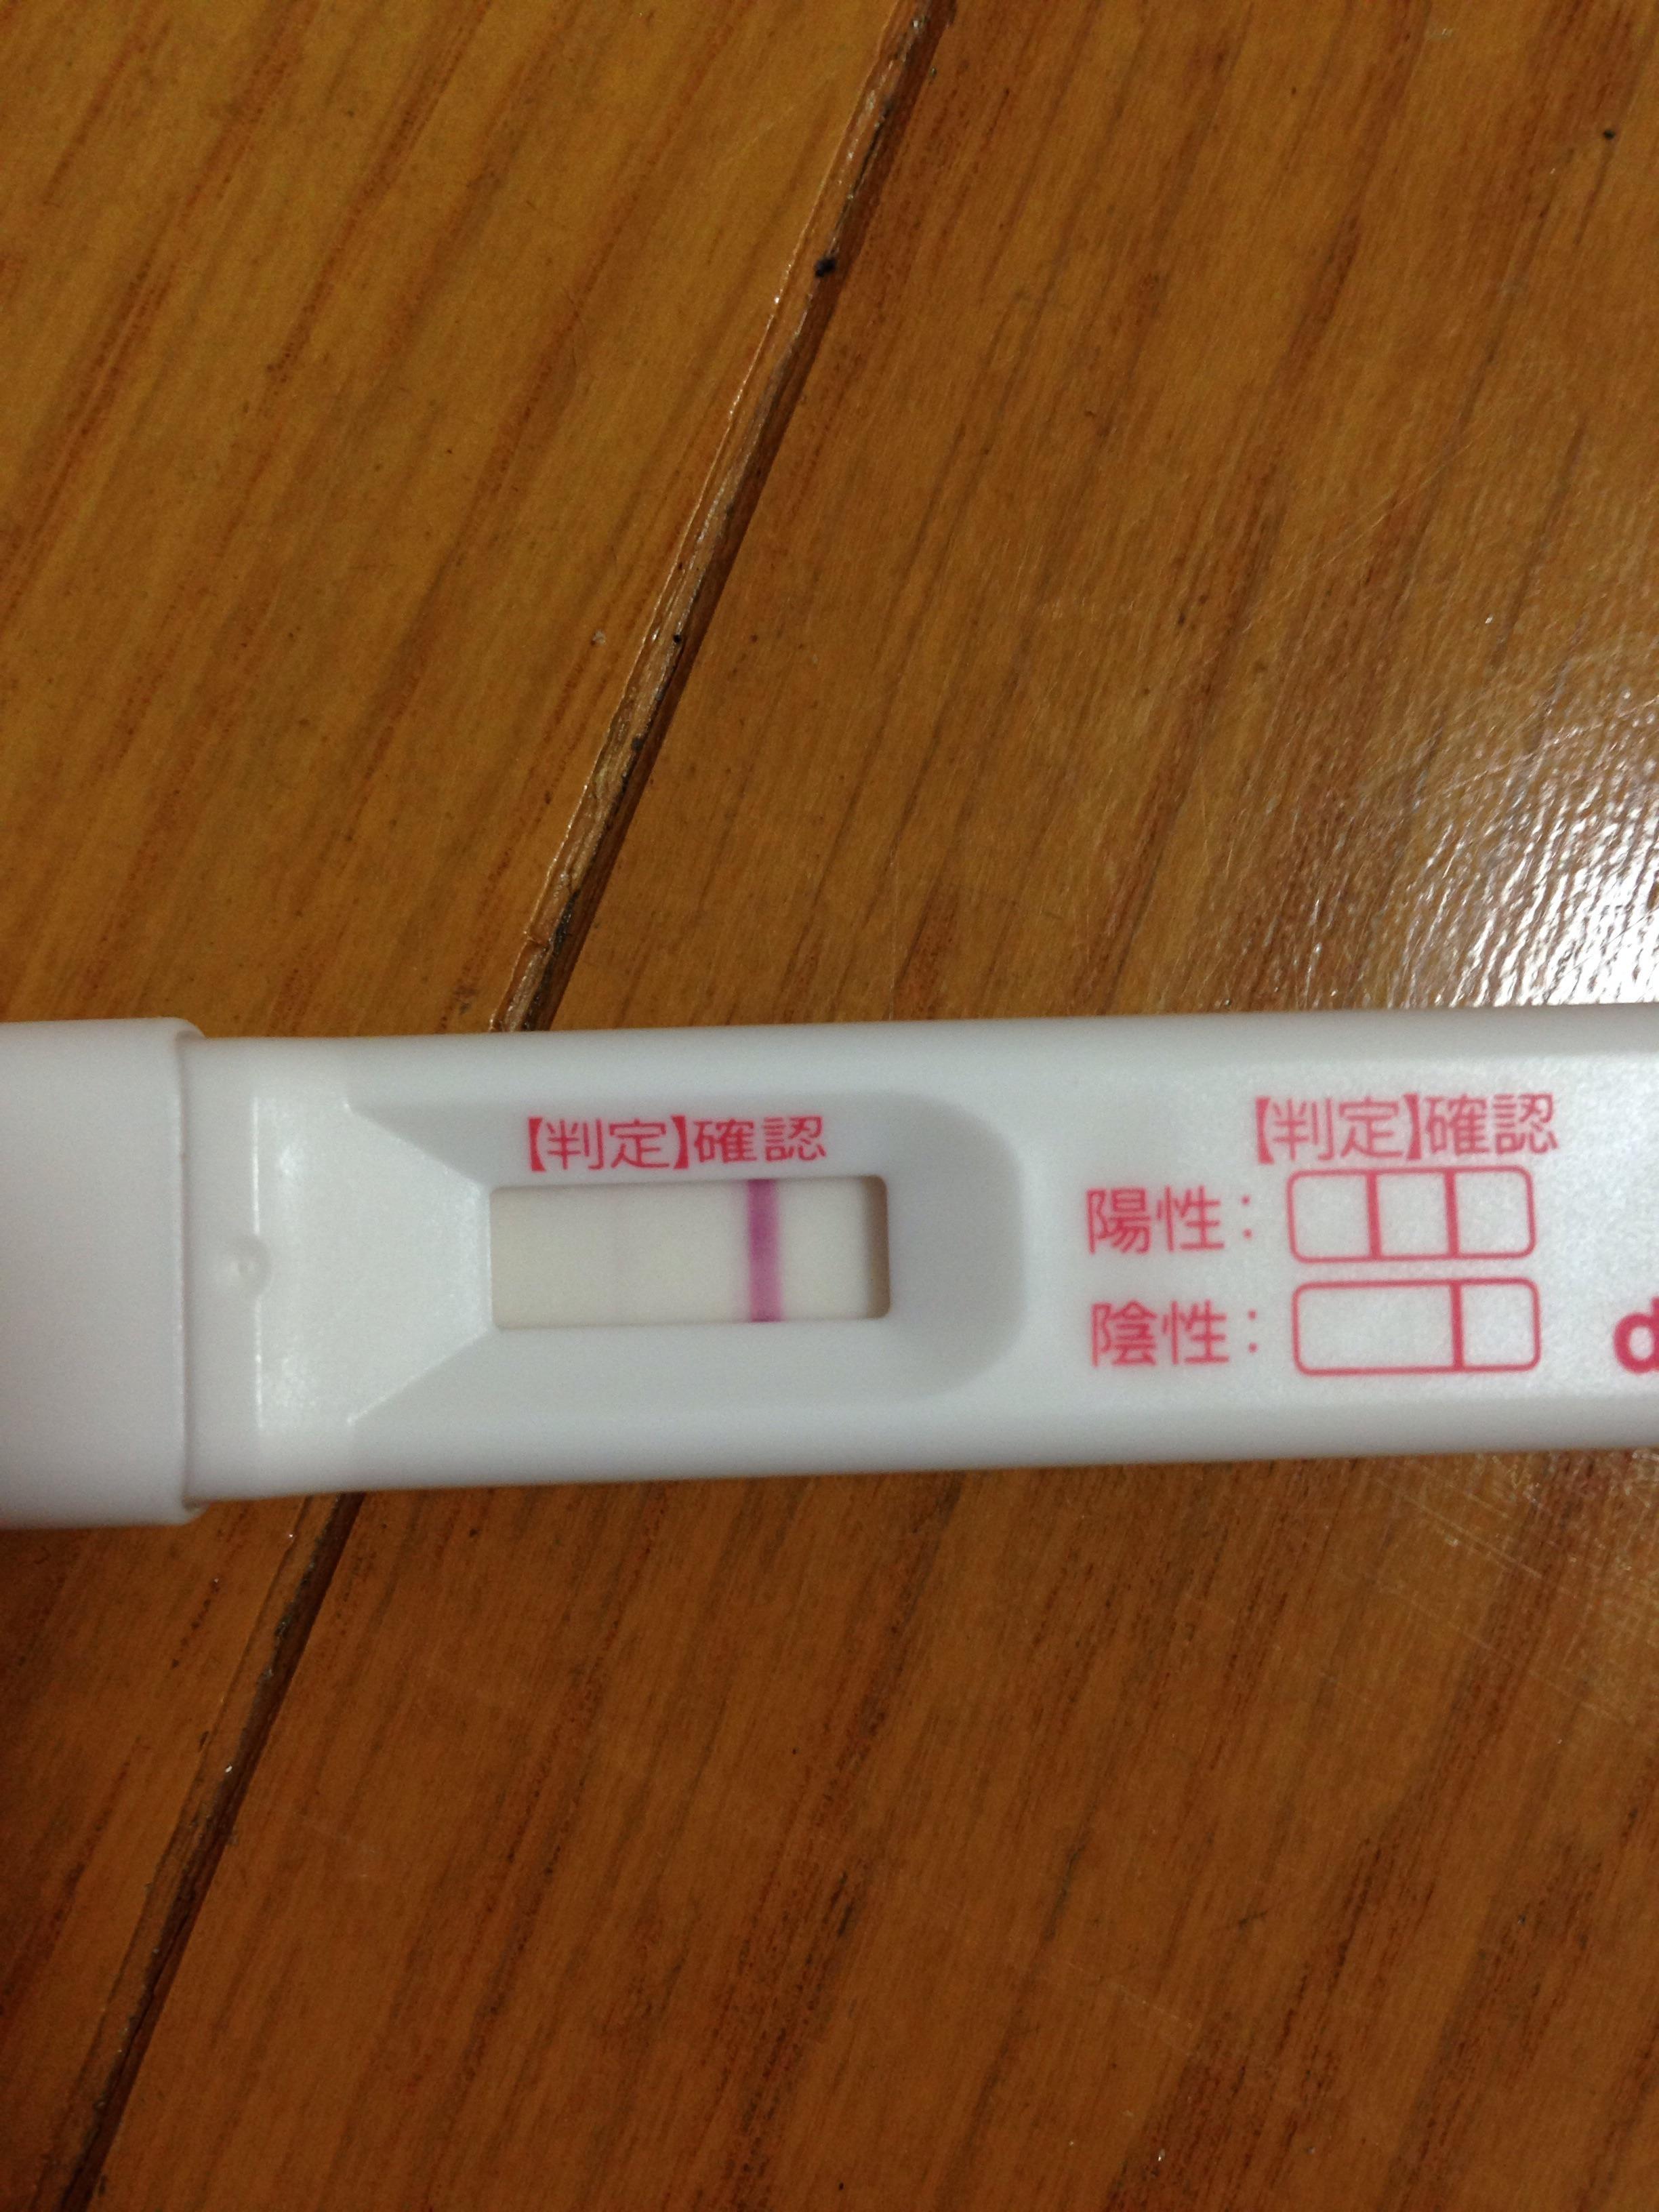 で 薬 病院 検査 発覚 妊娠 陰性 妊娠 妊娠検査薬 陽性になったり陰性になったり